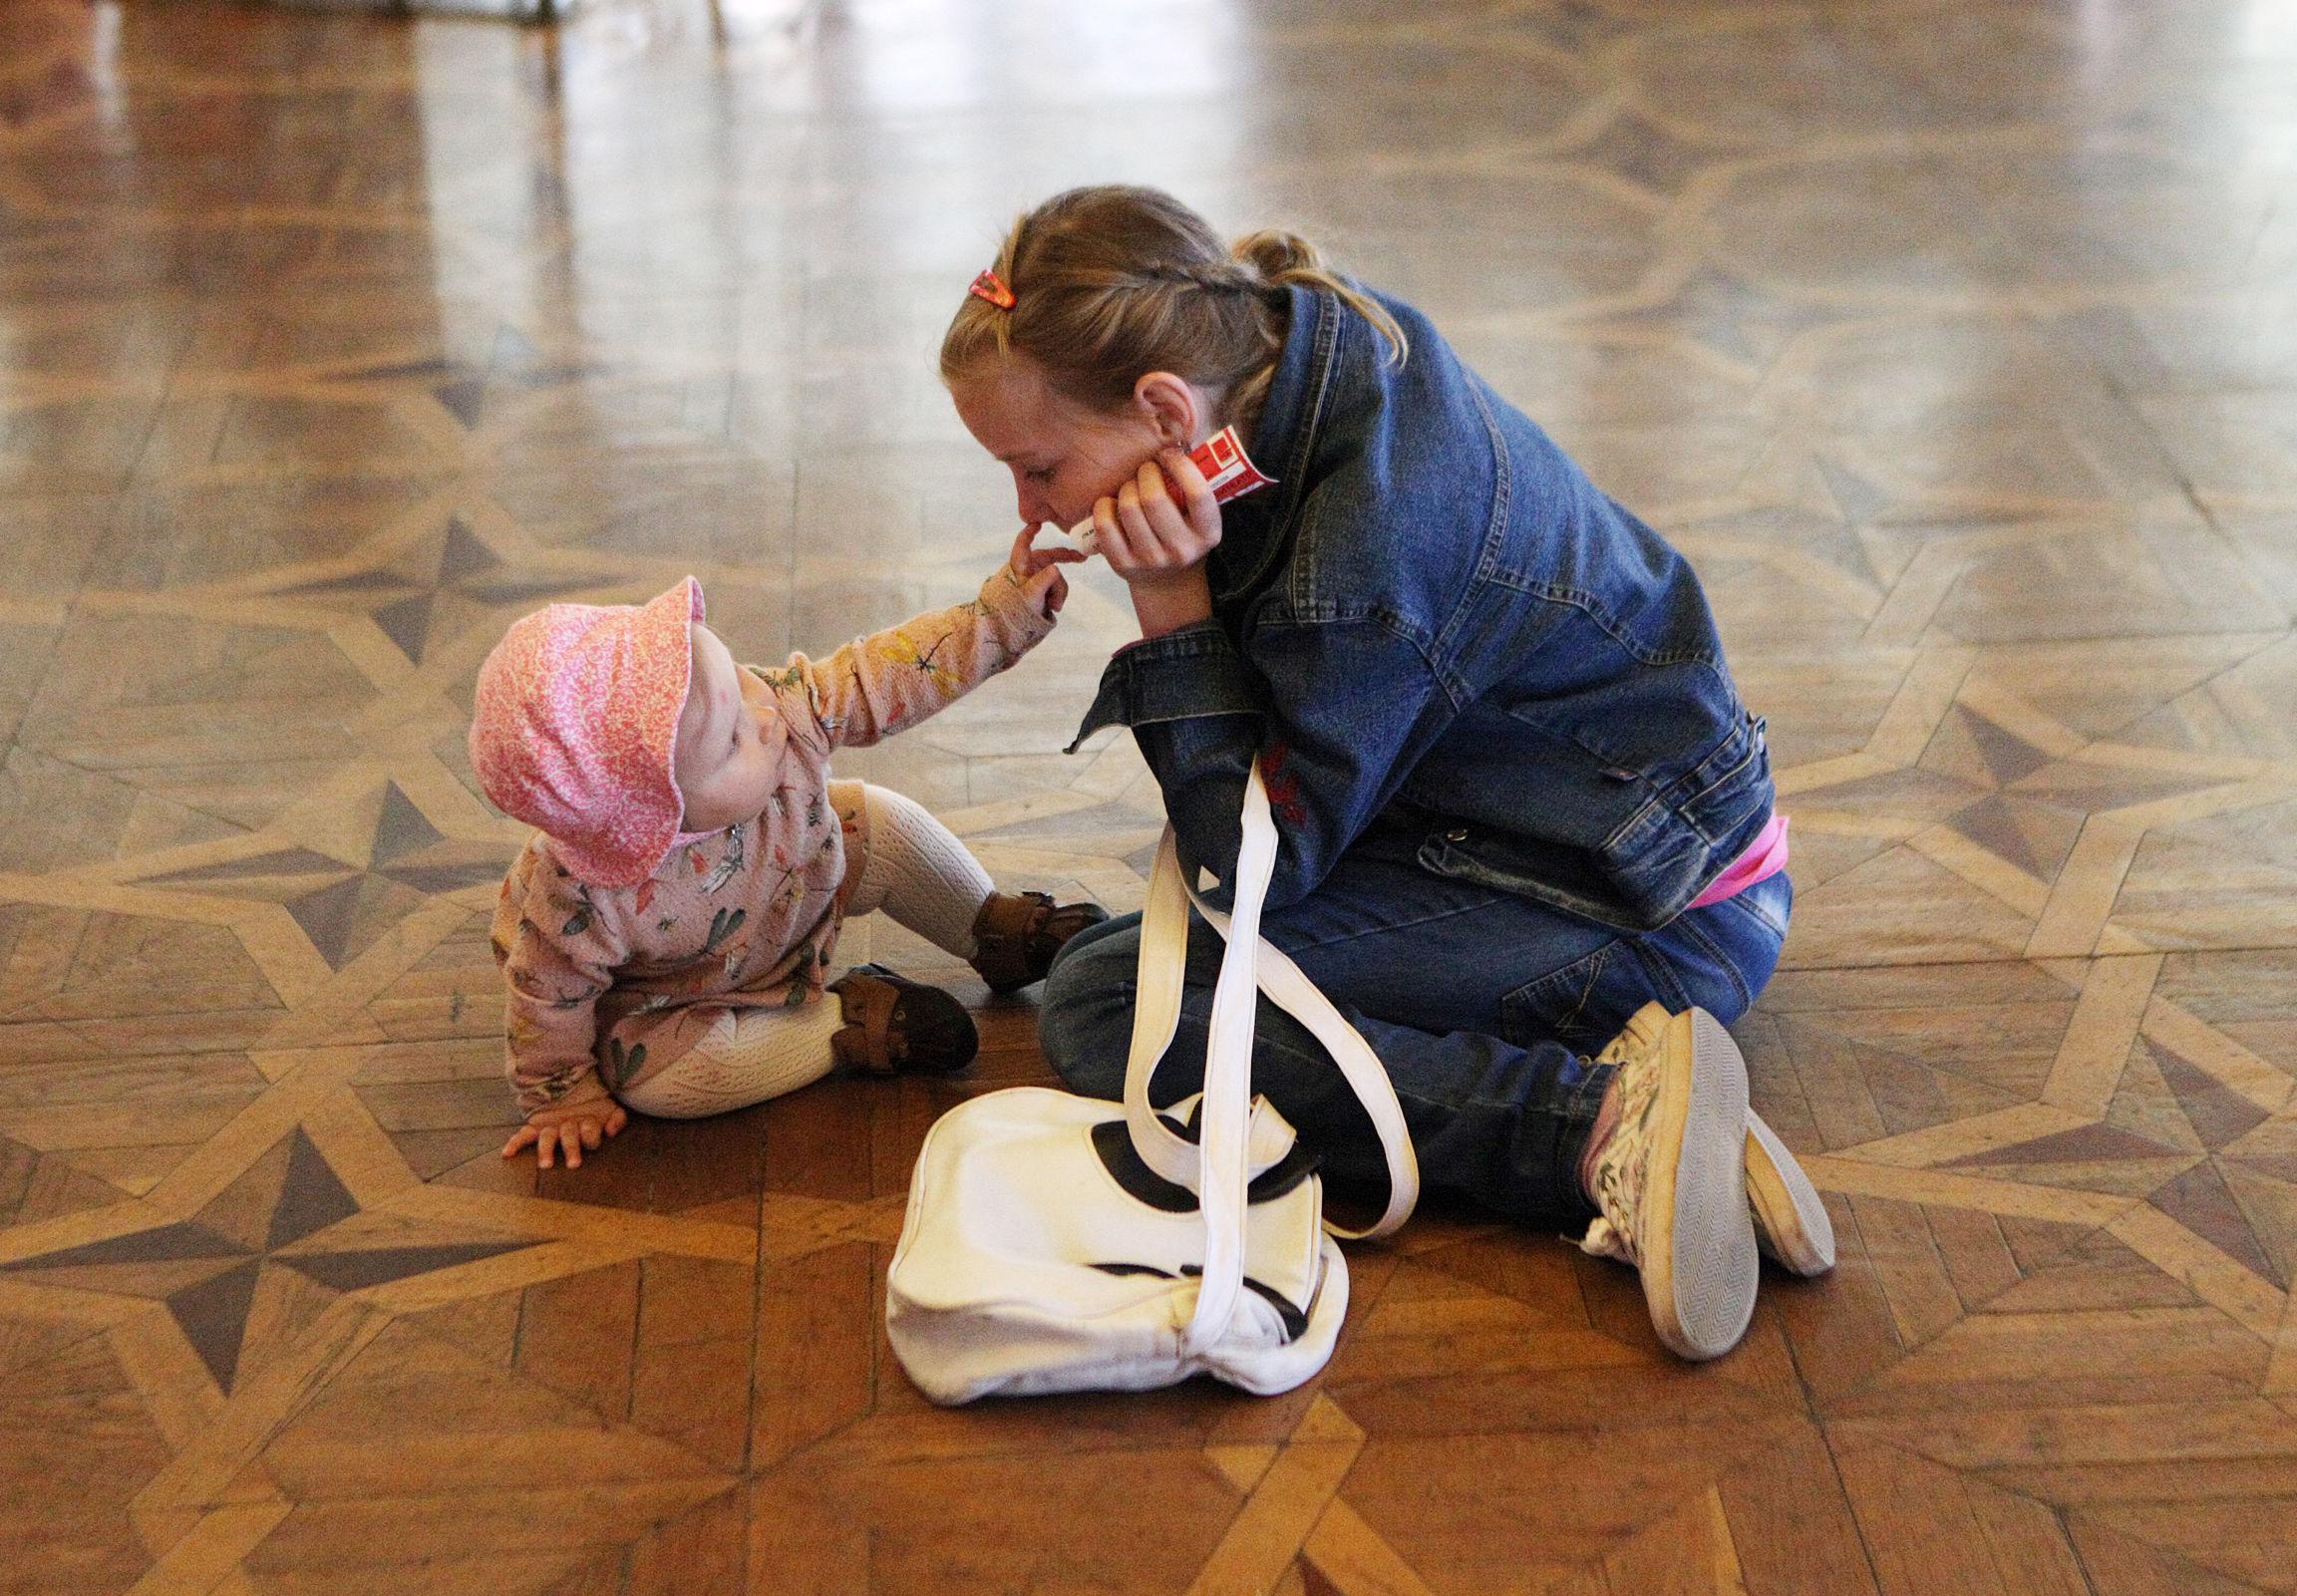 ТЮЗ представил премьеру спектакля «Золотой петушок», созданного в рамках проекта «Театры малой родины»